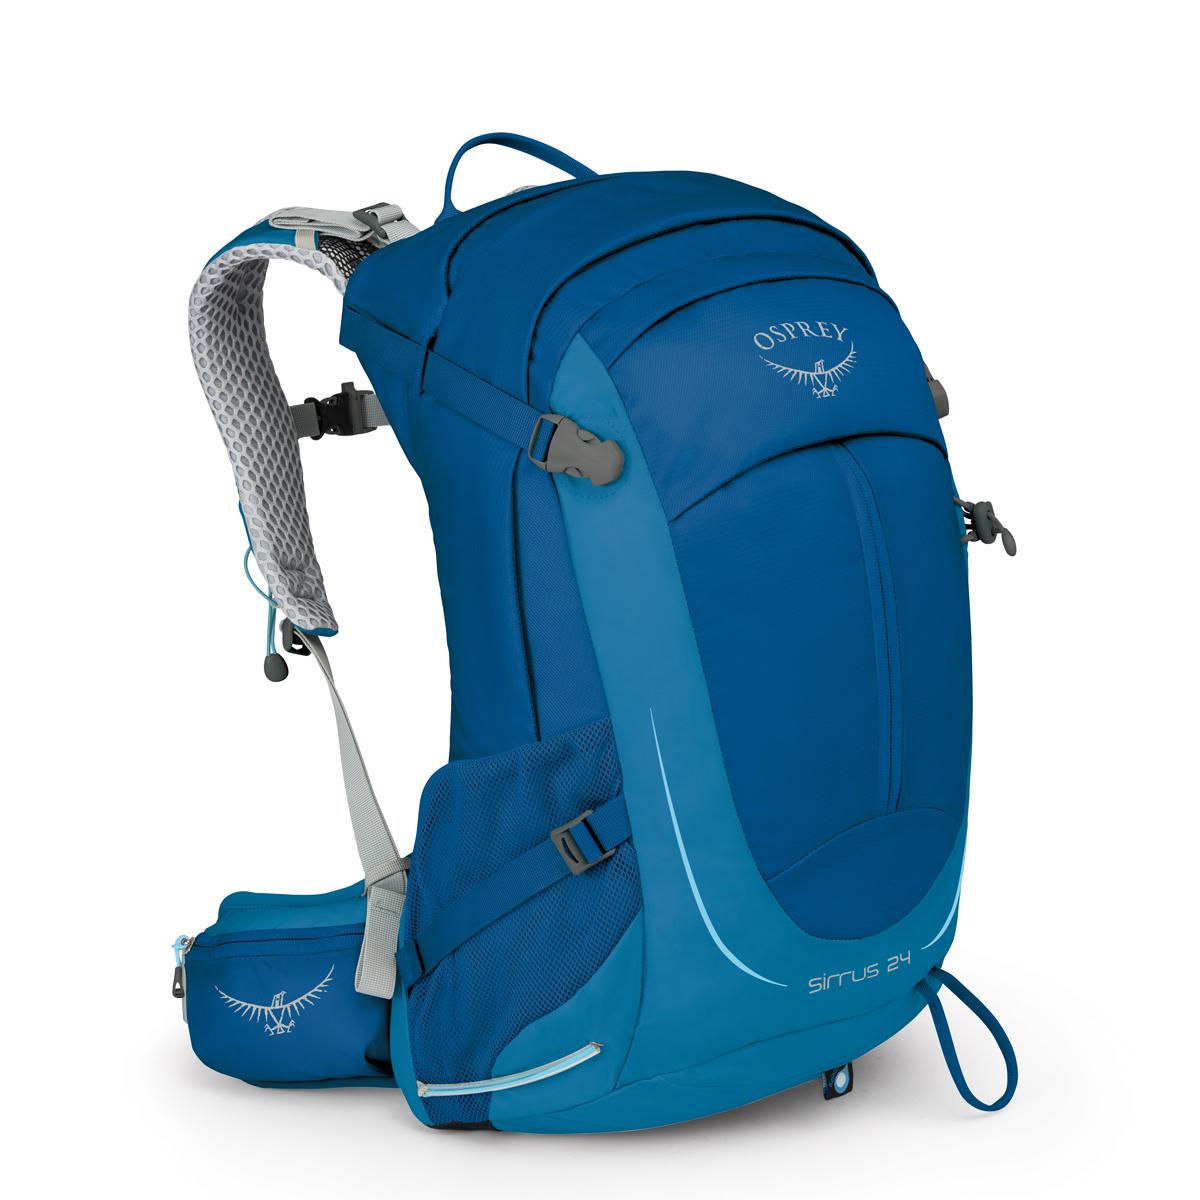 デイハイキングに適した女性用パネルローダー 定番の人気シリーズPOINT(ポイント)入荷 コンパクトながら豊富な機能を装備 オスプレー シラス 与え 24